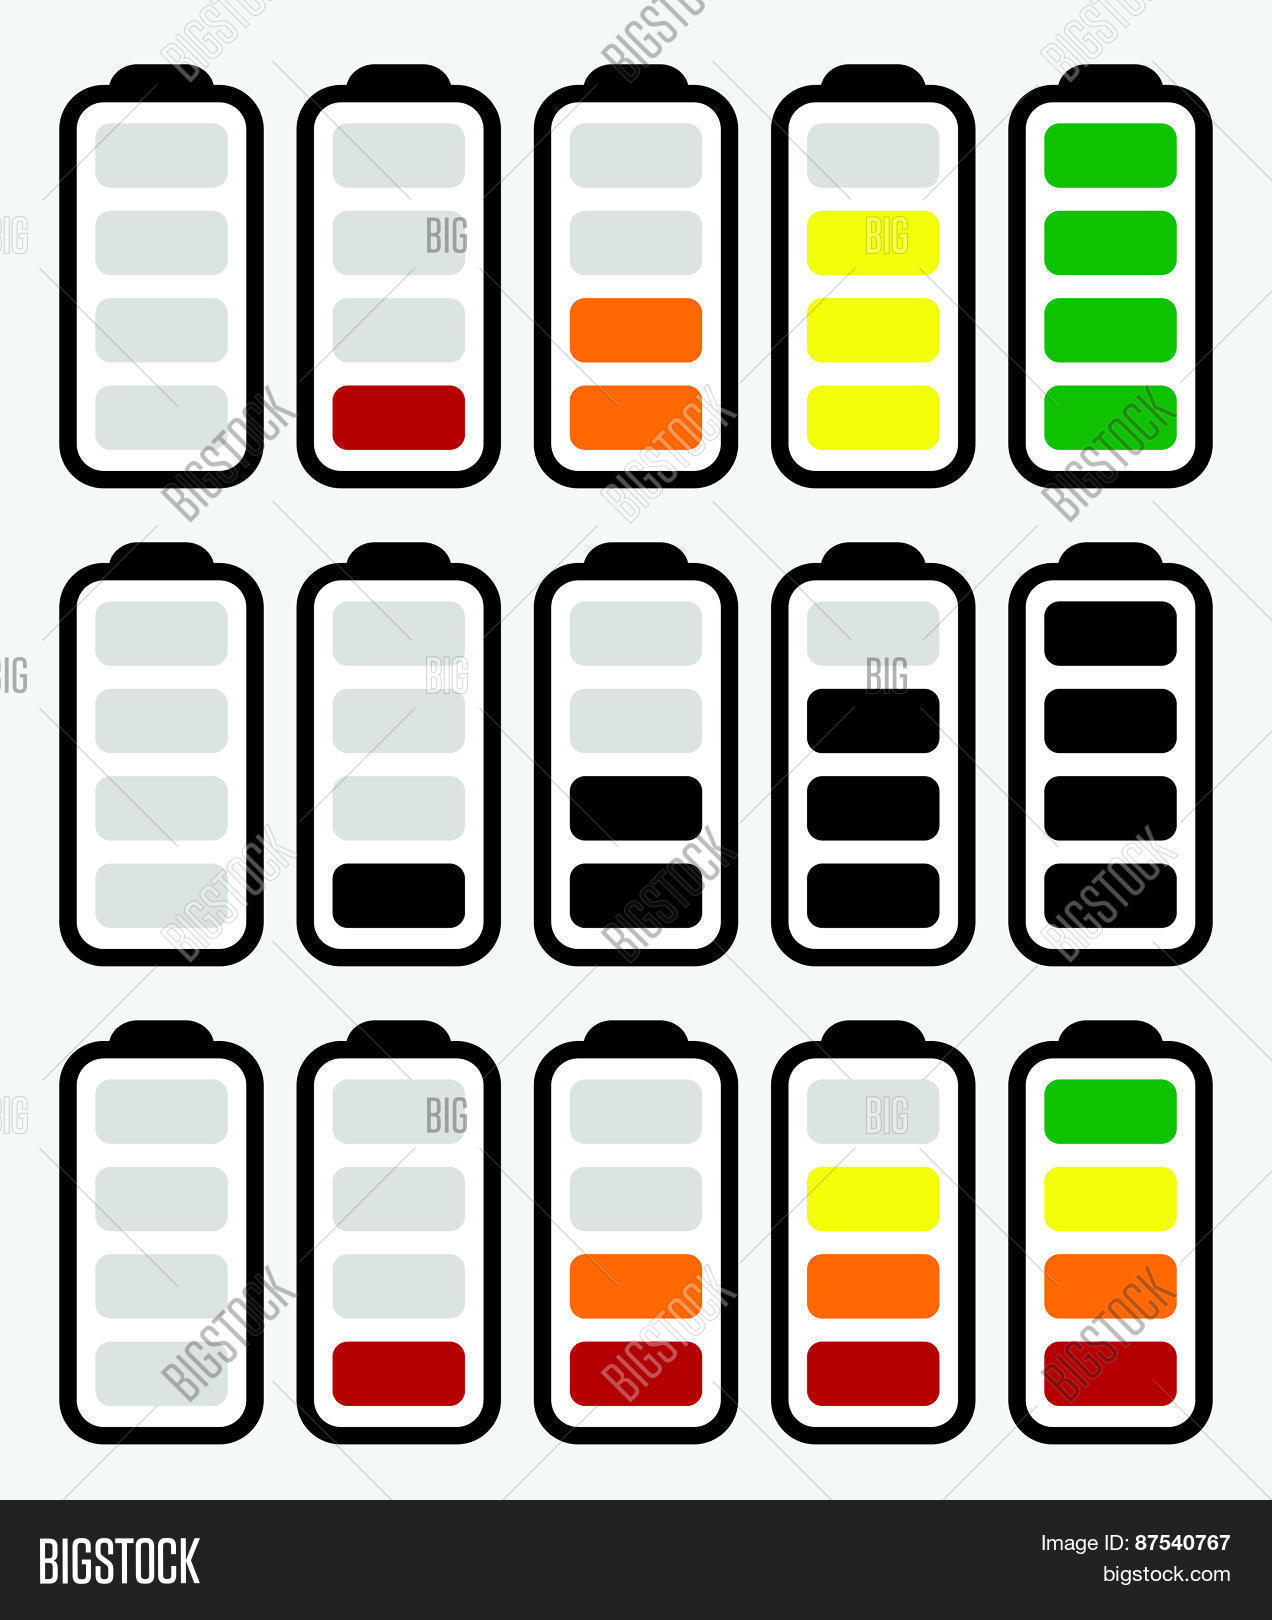 Windows 8 1 Set Battery Charge Level : Battery level indicator symbol set vector photo bigstock